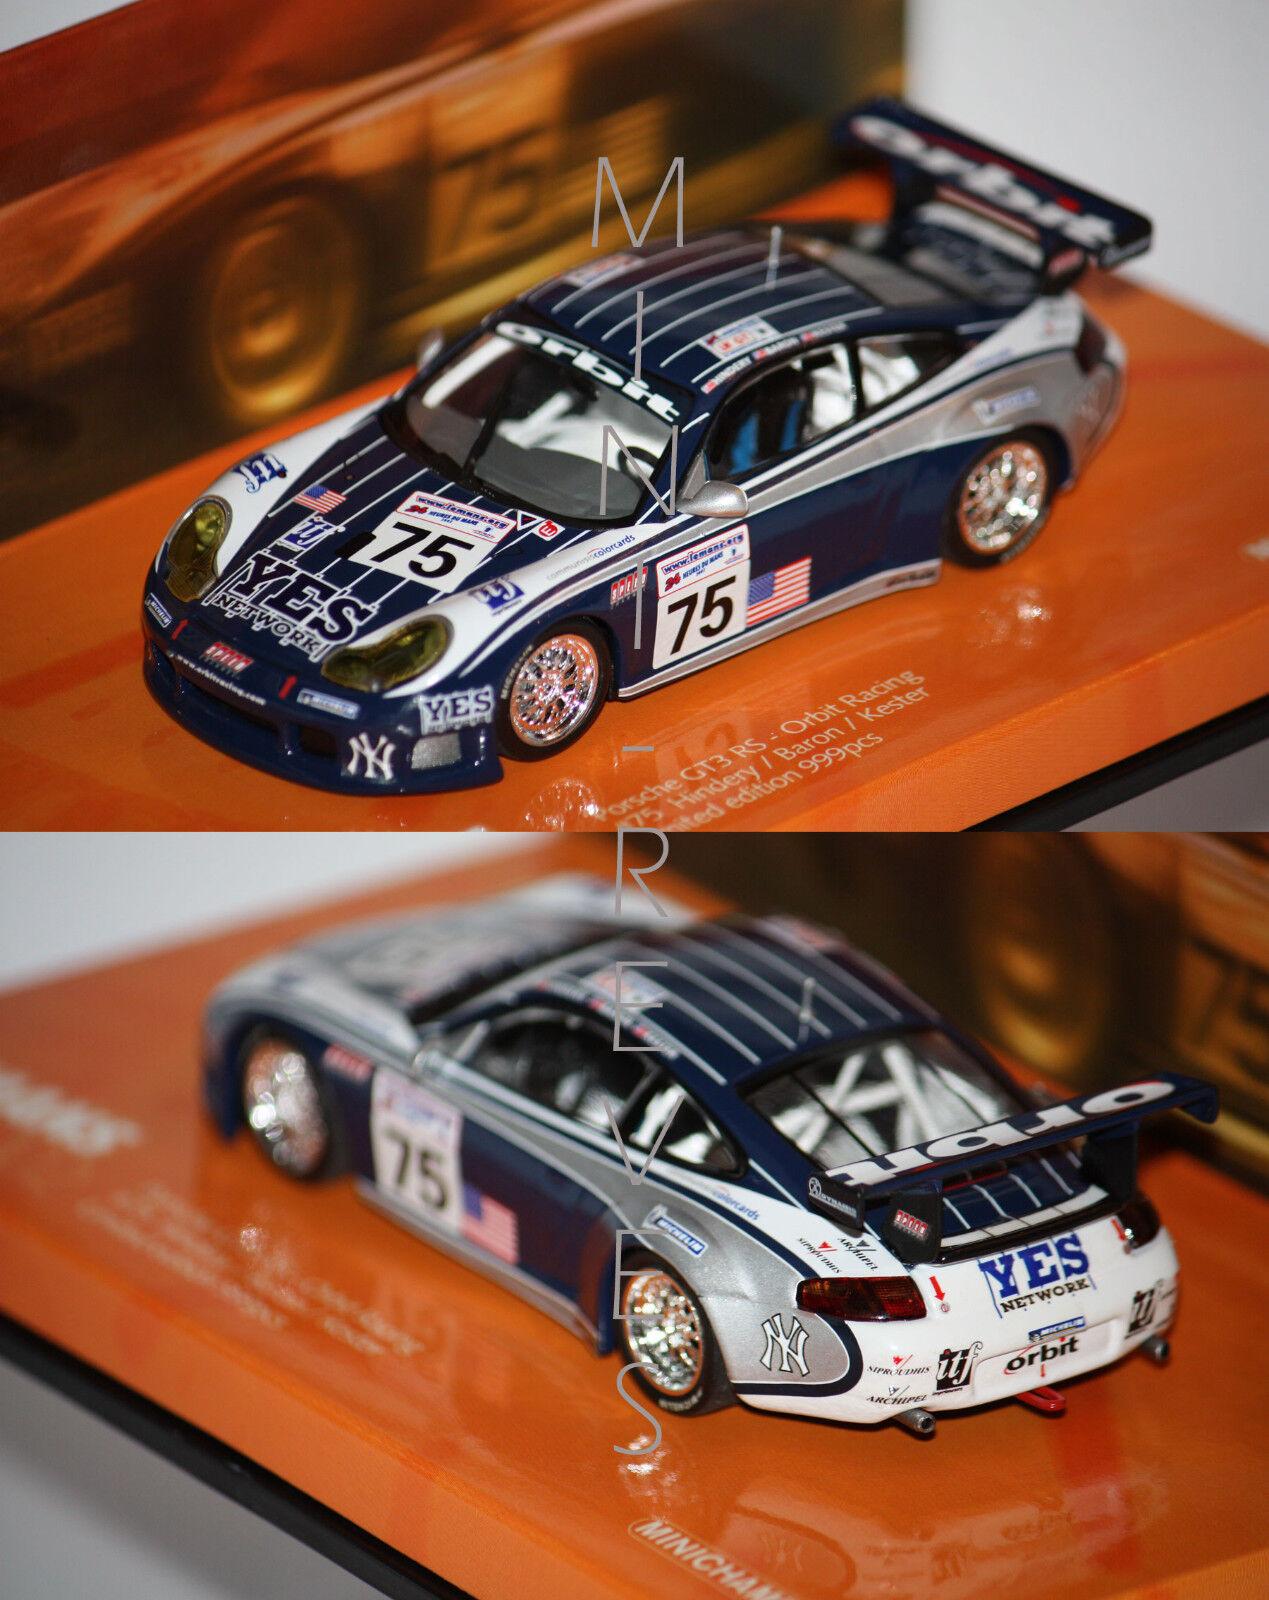 toma Minichamps Minichamps Minichamps Porsche 911 Gt3 Rs 24h de Mans 2002 1 43 403026975  suministro directo de los fabricantes